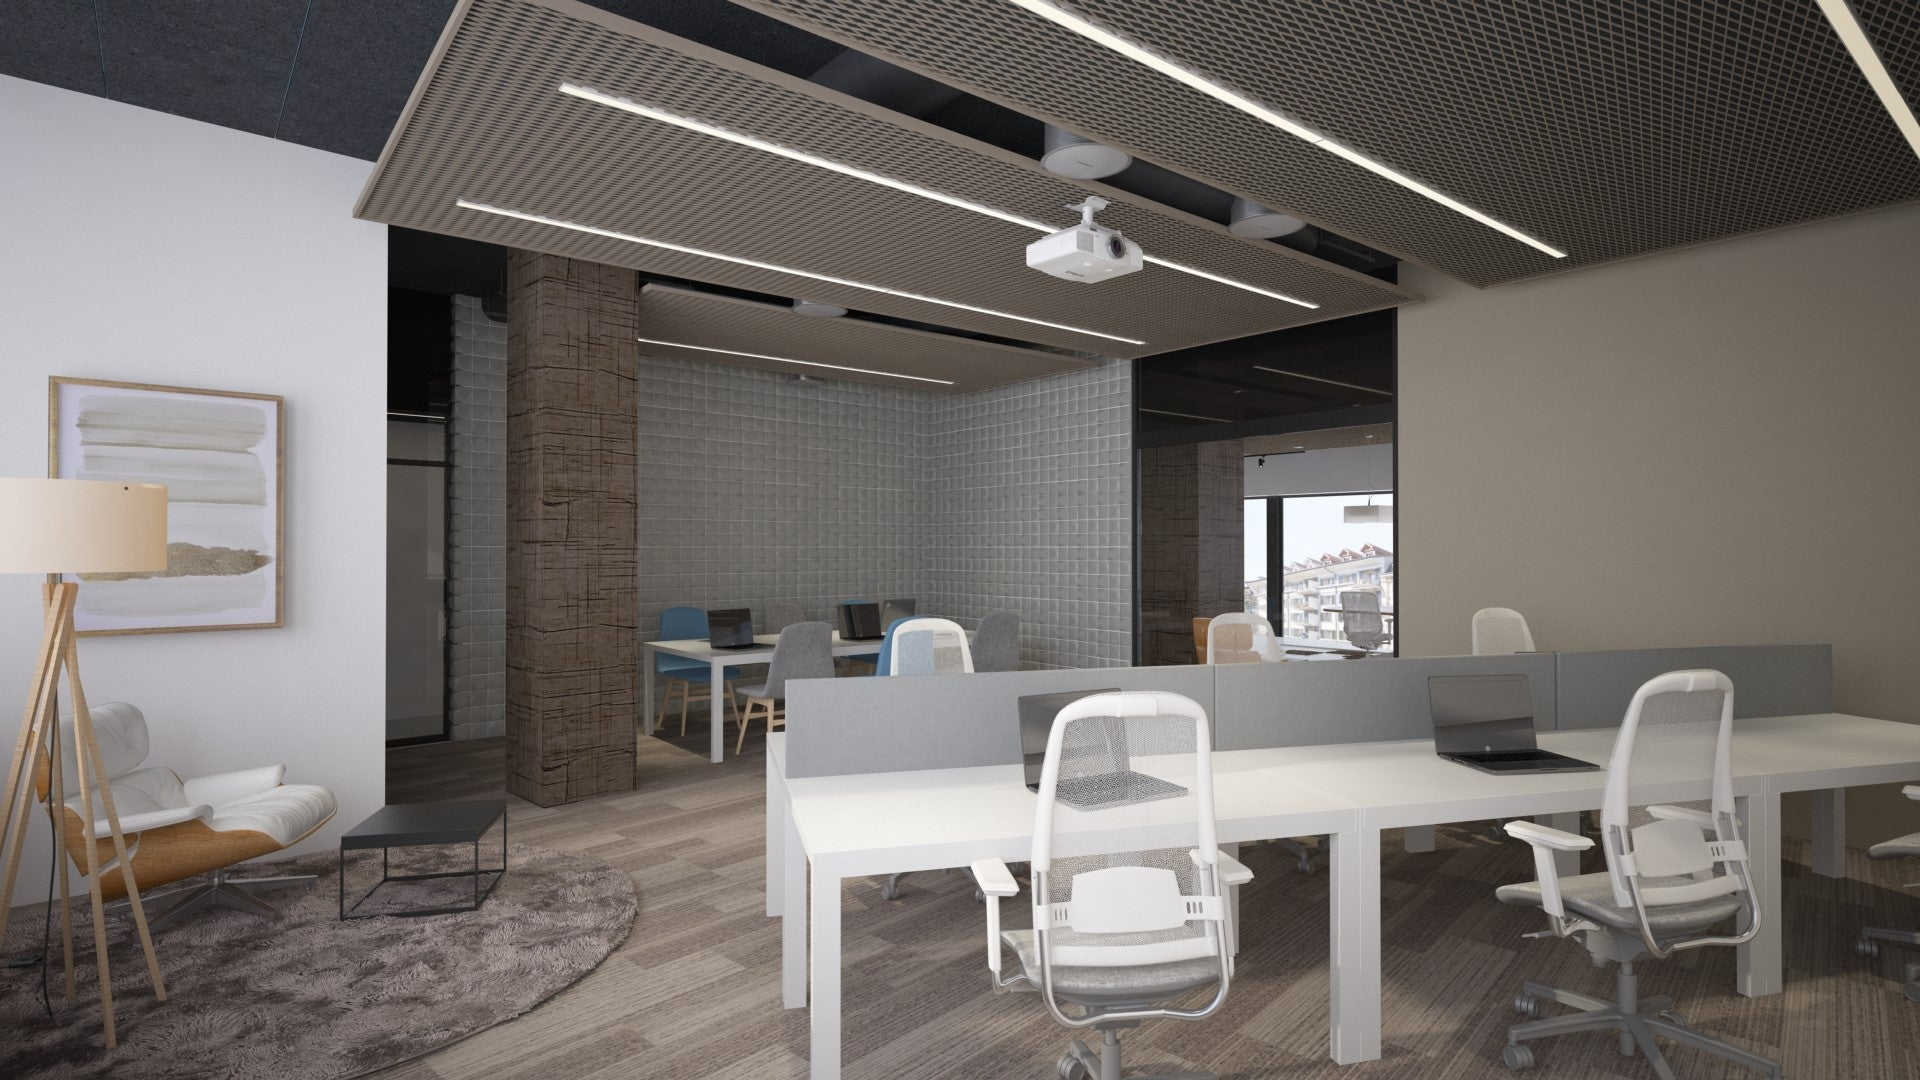 Arbeitsplätze mit Tischen und bequemen Stühlen in der Quiet Zone